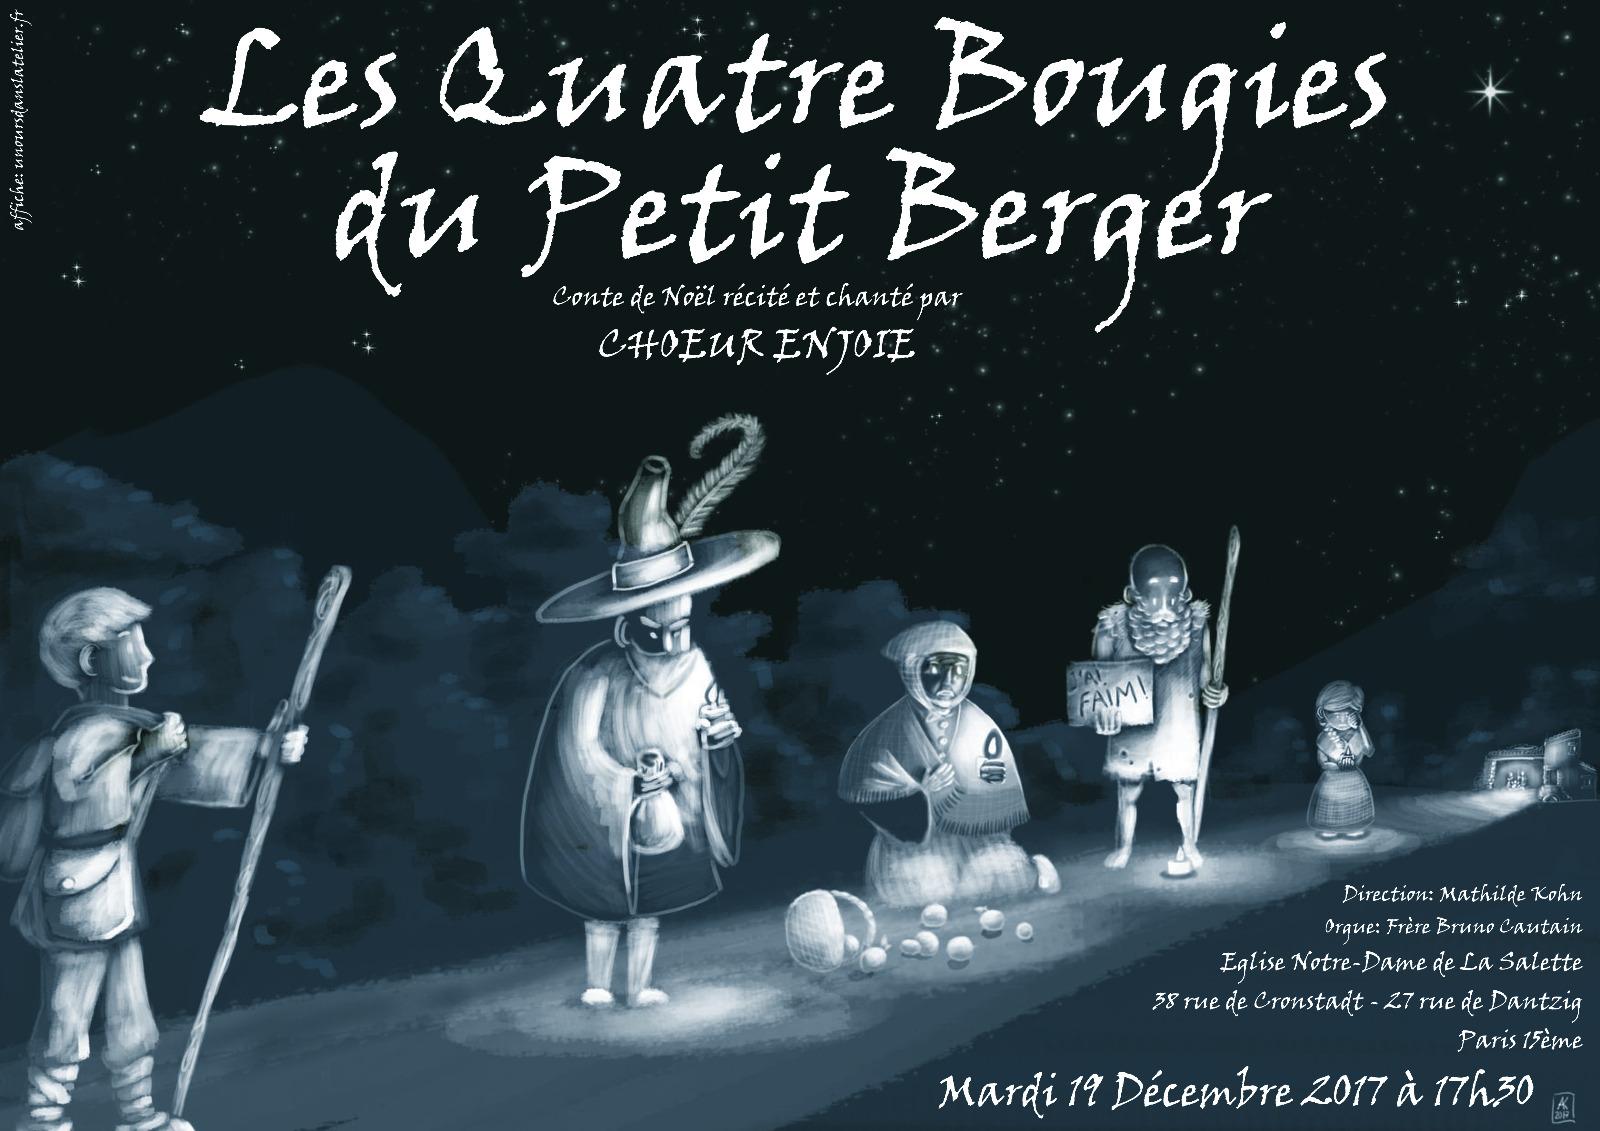 Conte de Noël - Les quatre bougies du petit berger